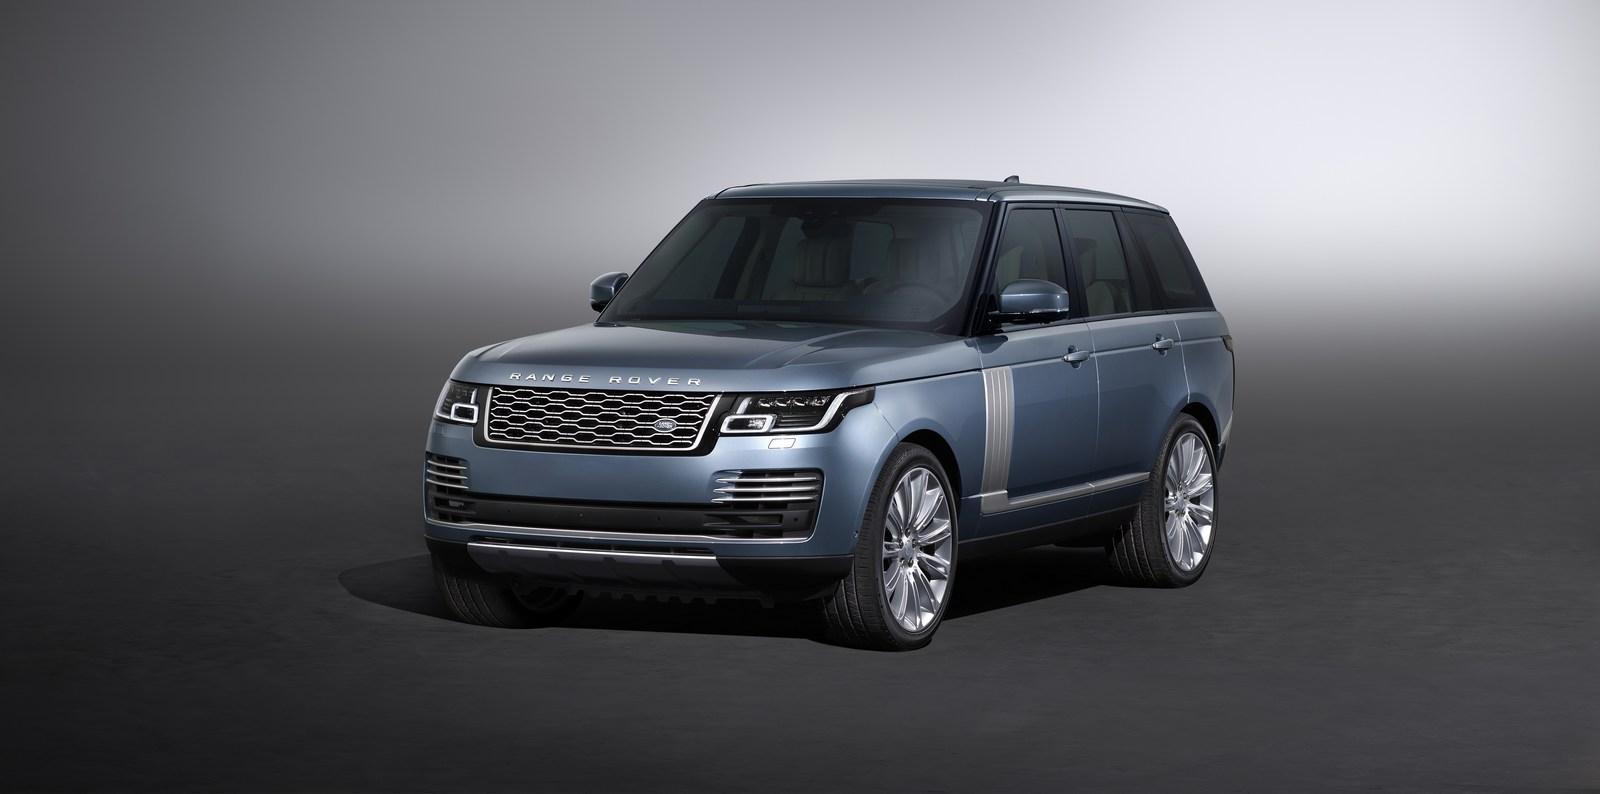 Range Rover Facelift 2018 (16)